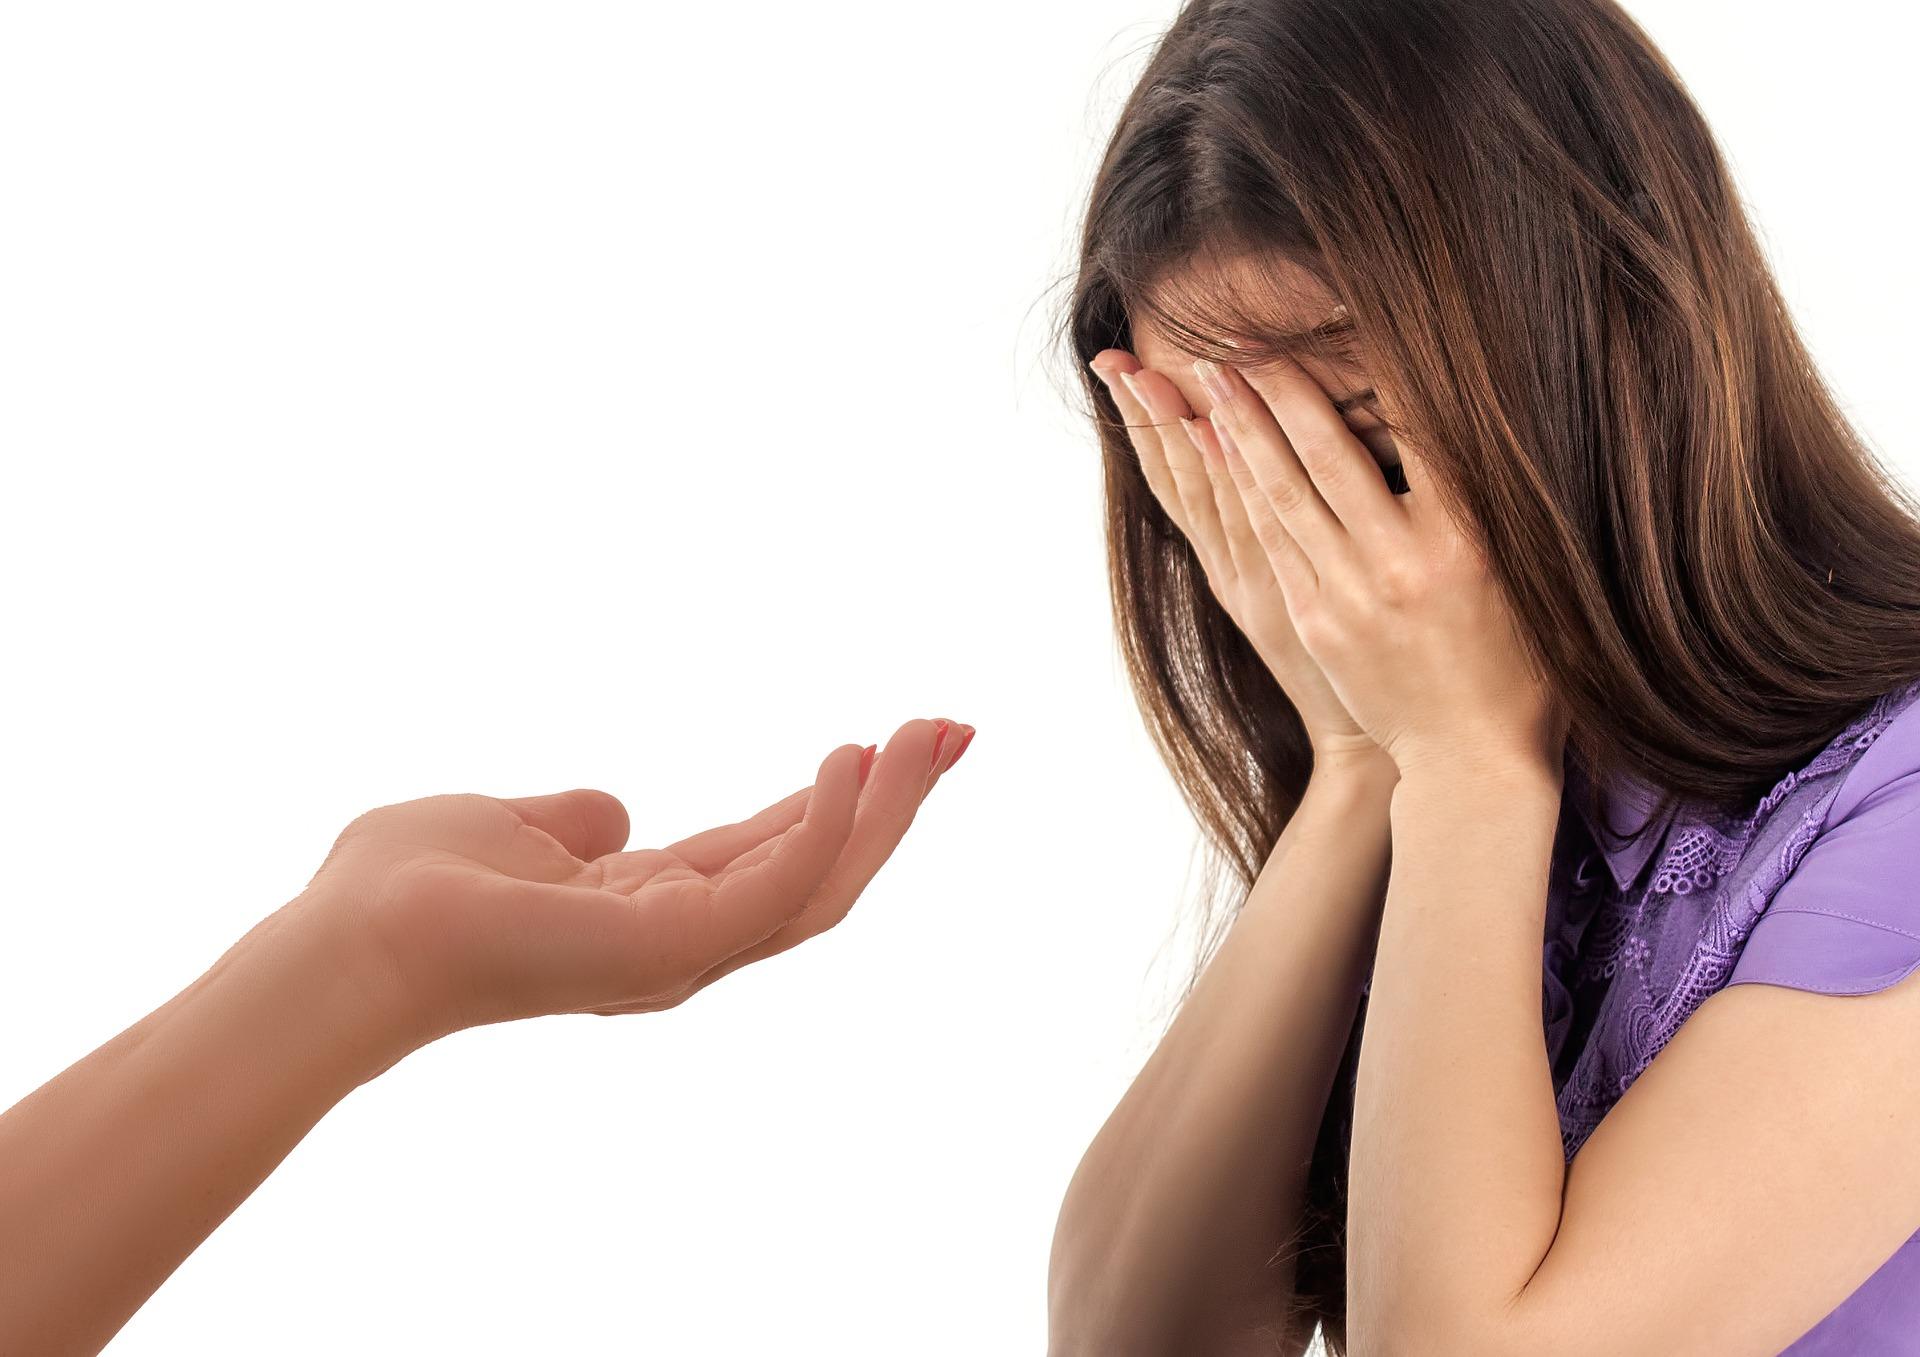 Bilde av kvinne som holder hendene forran ansiktet og hånden til en annen person som rekkes ut forran henne